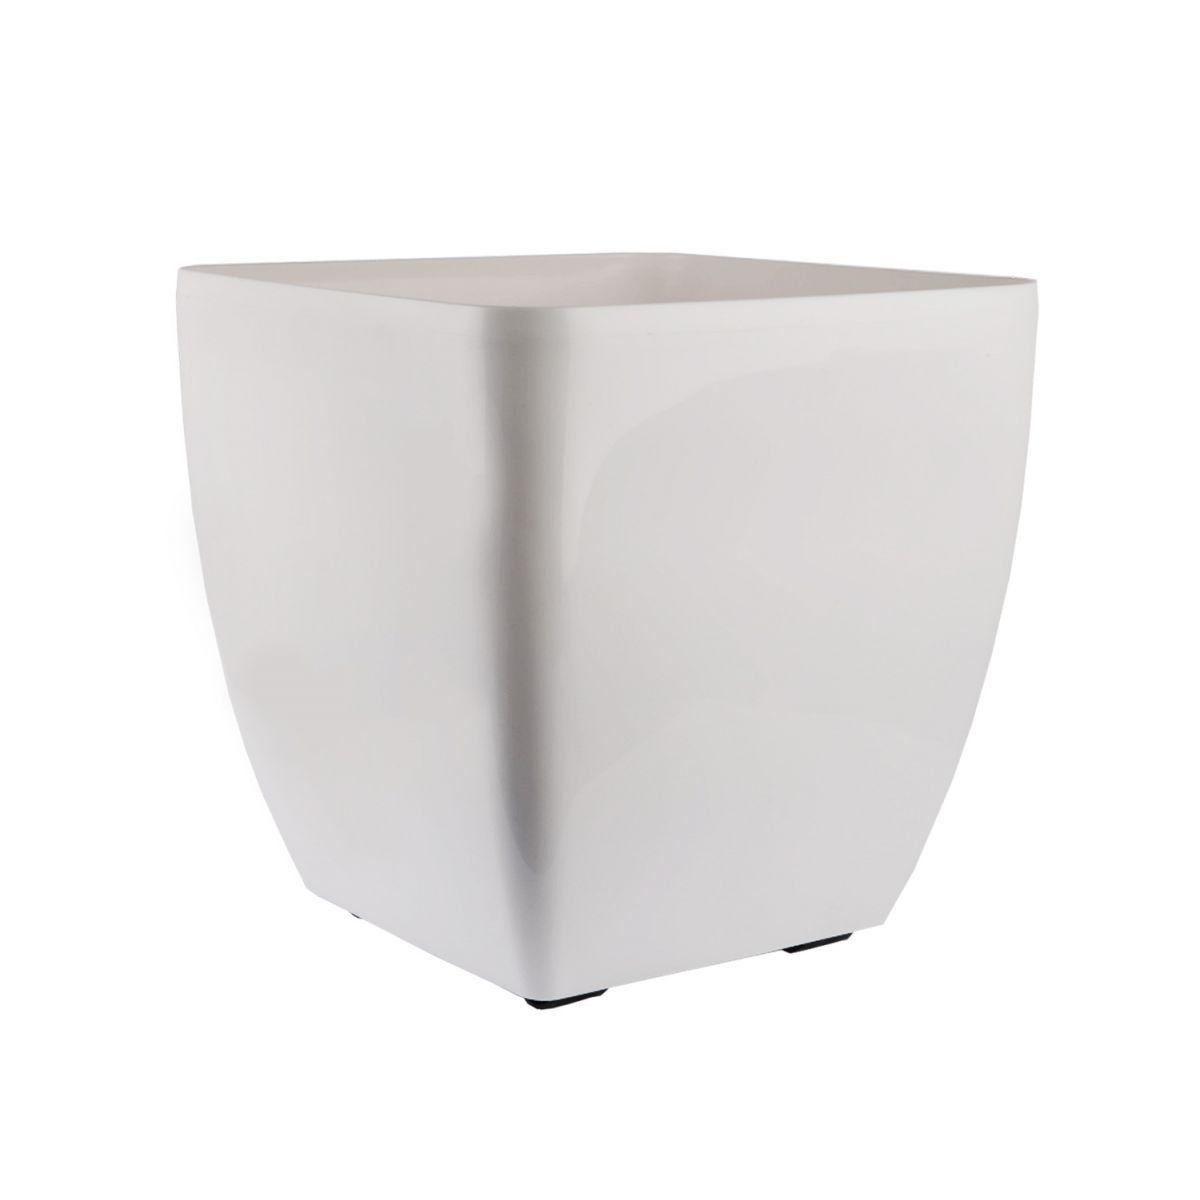 Vaso Quadrado Oxford 30cm x 30cm com Rodinhas Branco